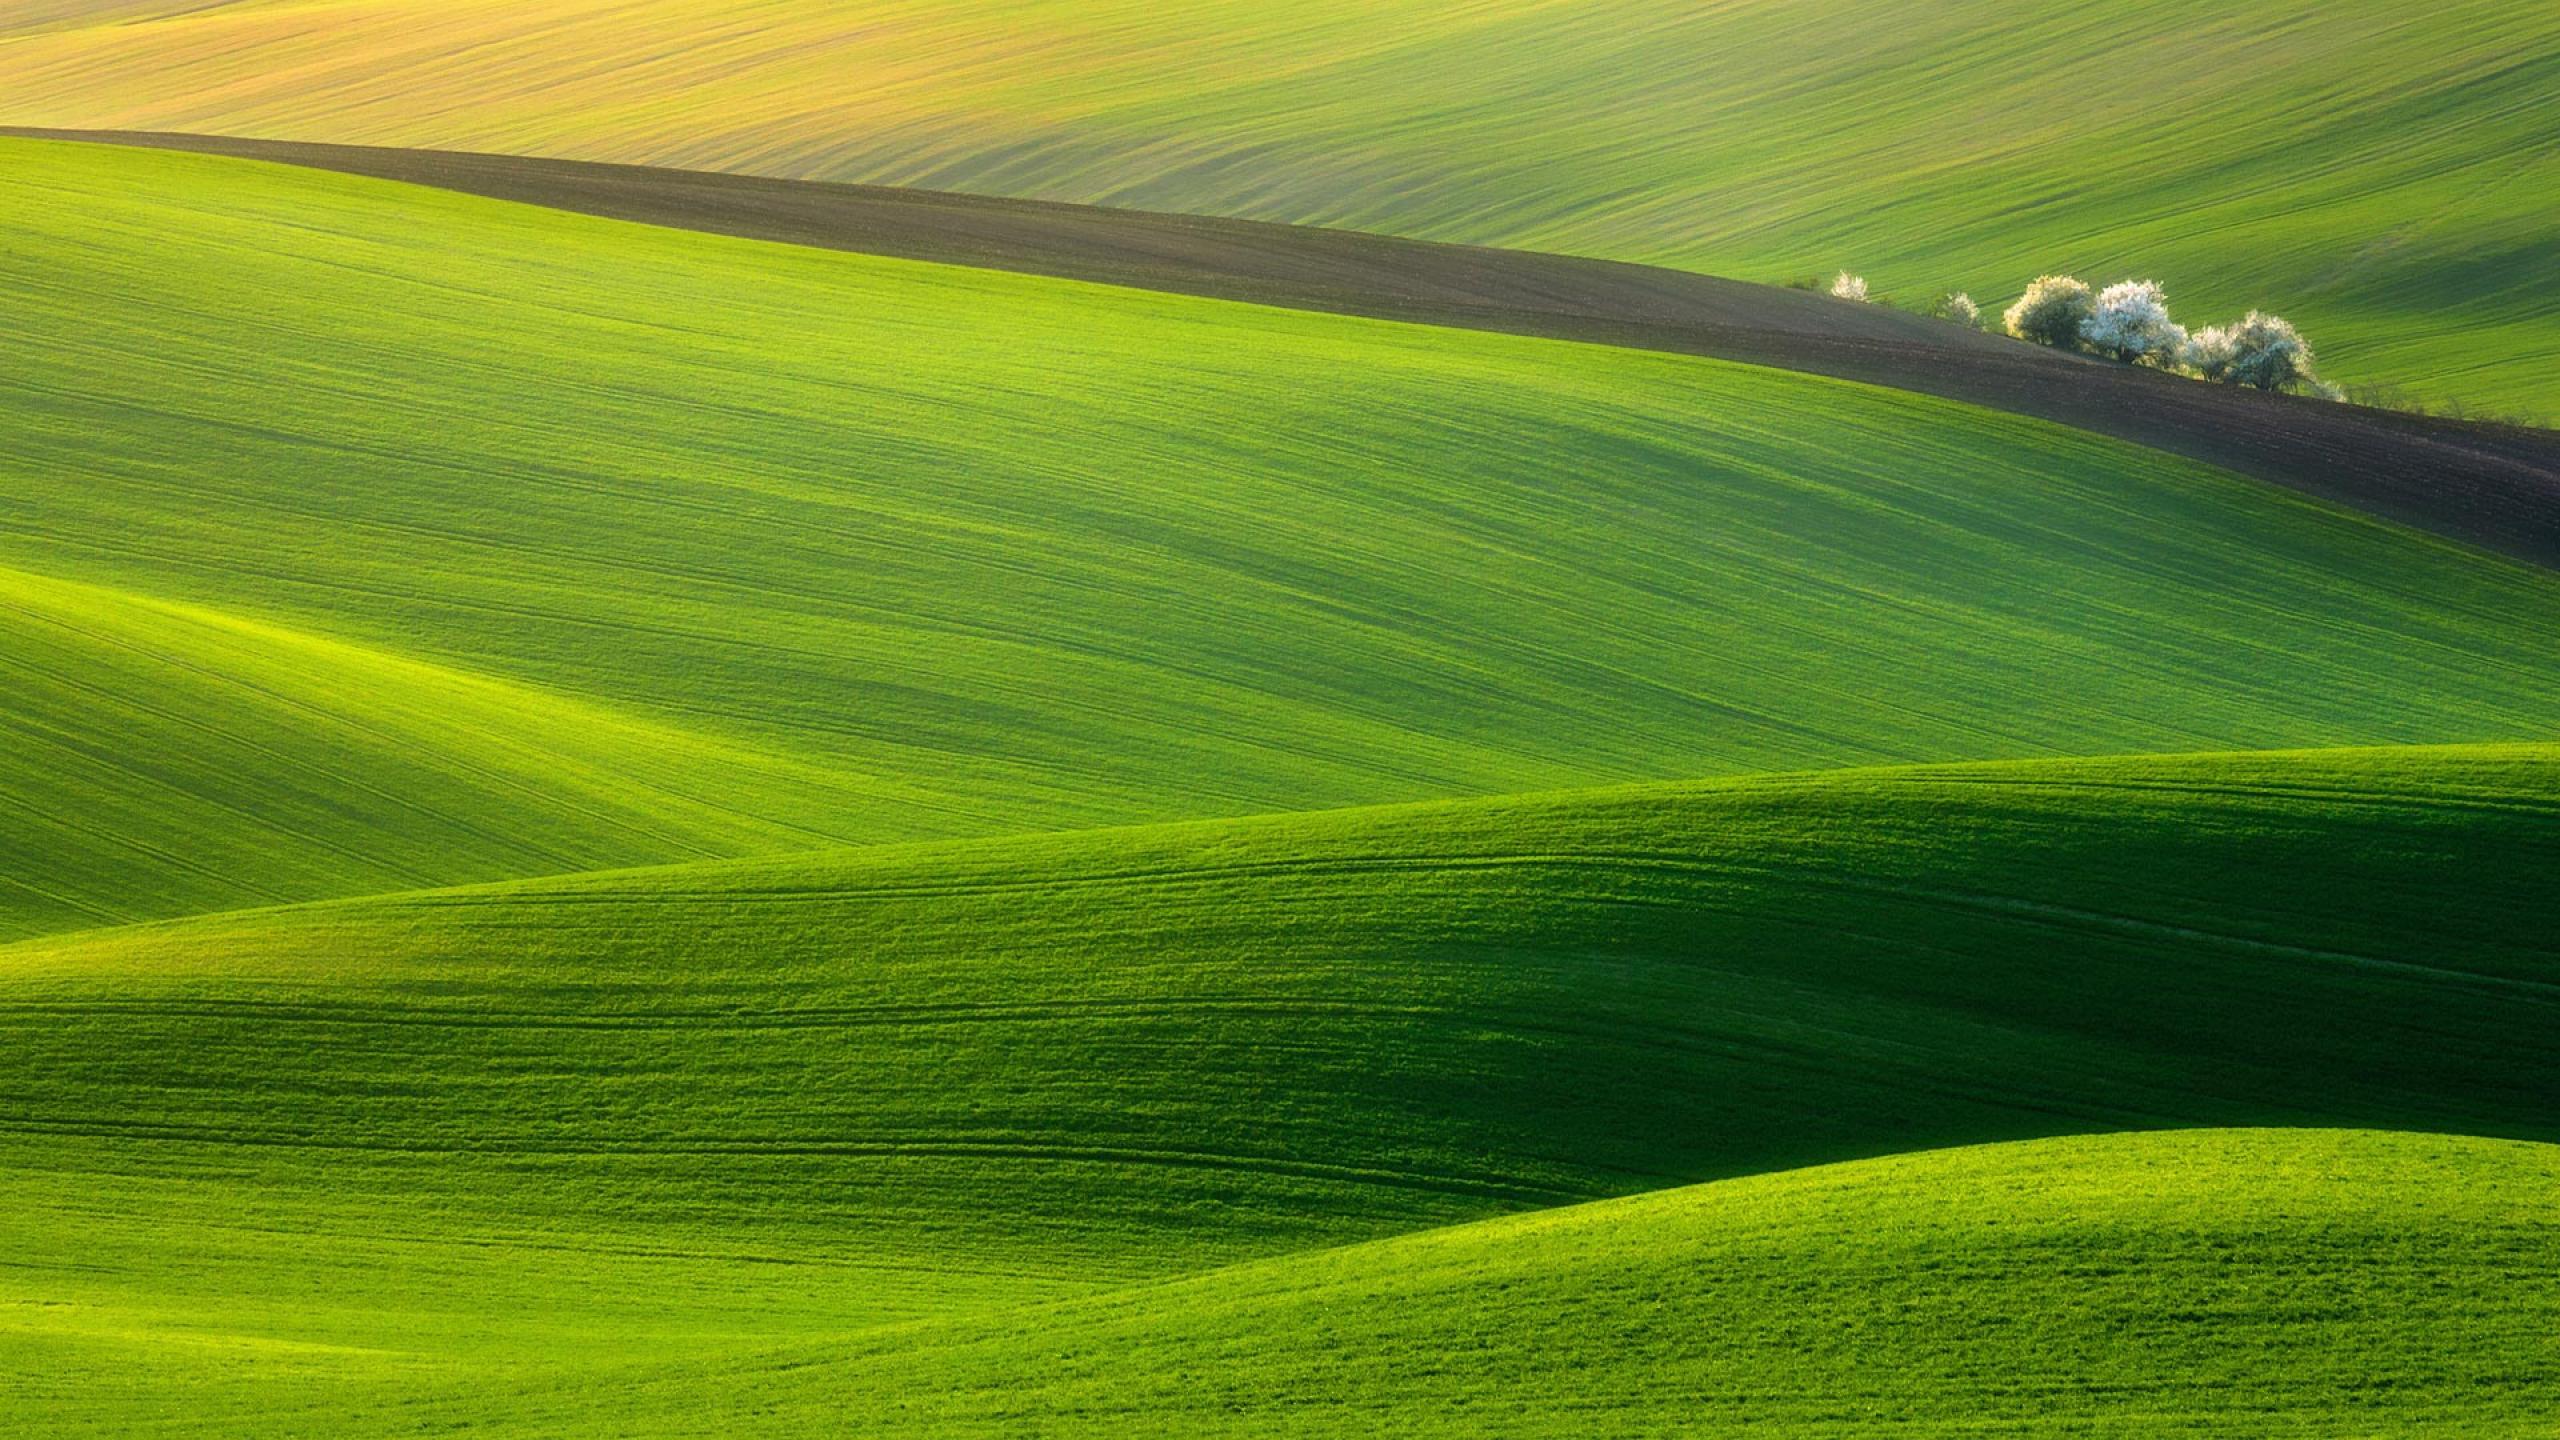 Widescreen Hills Wallpaper